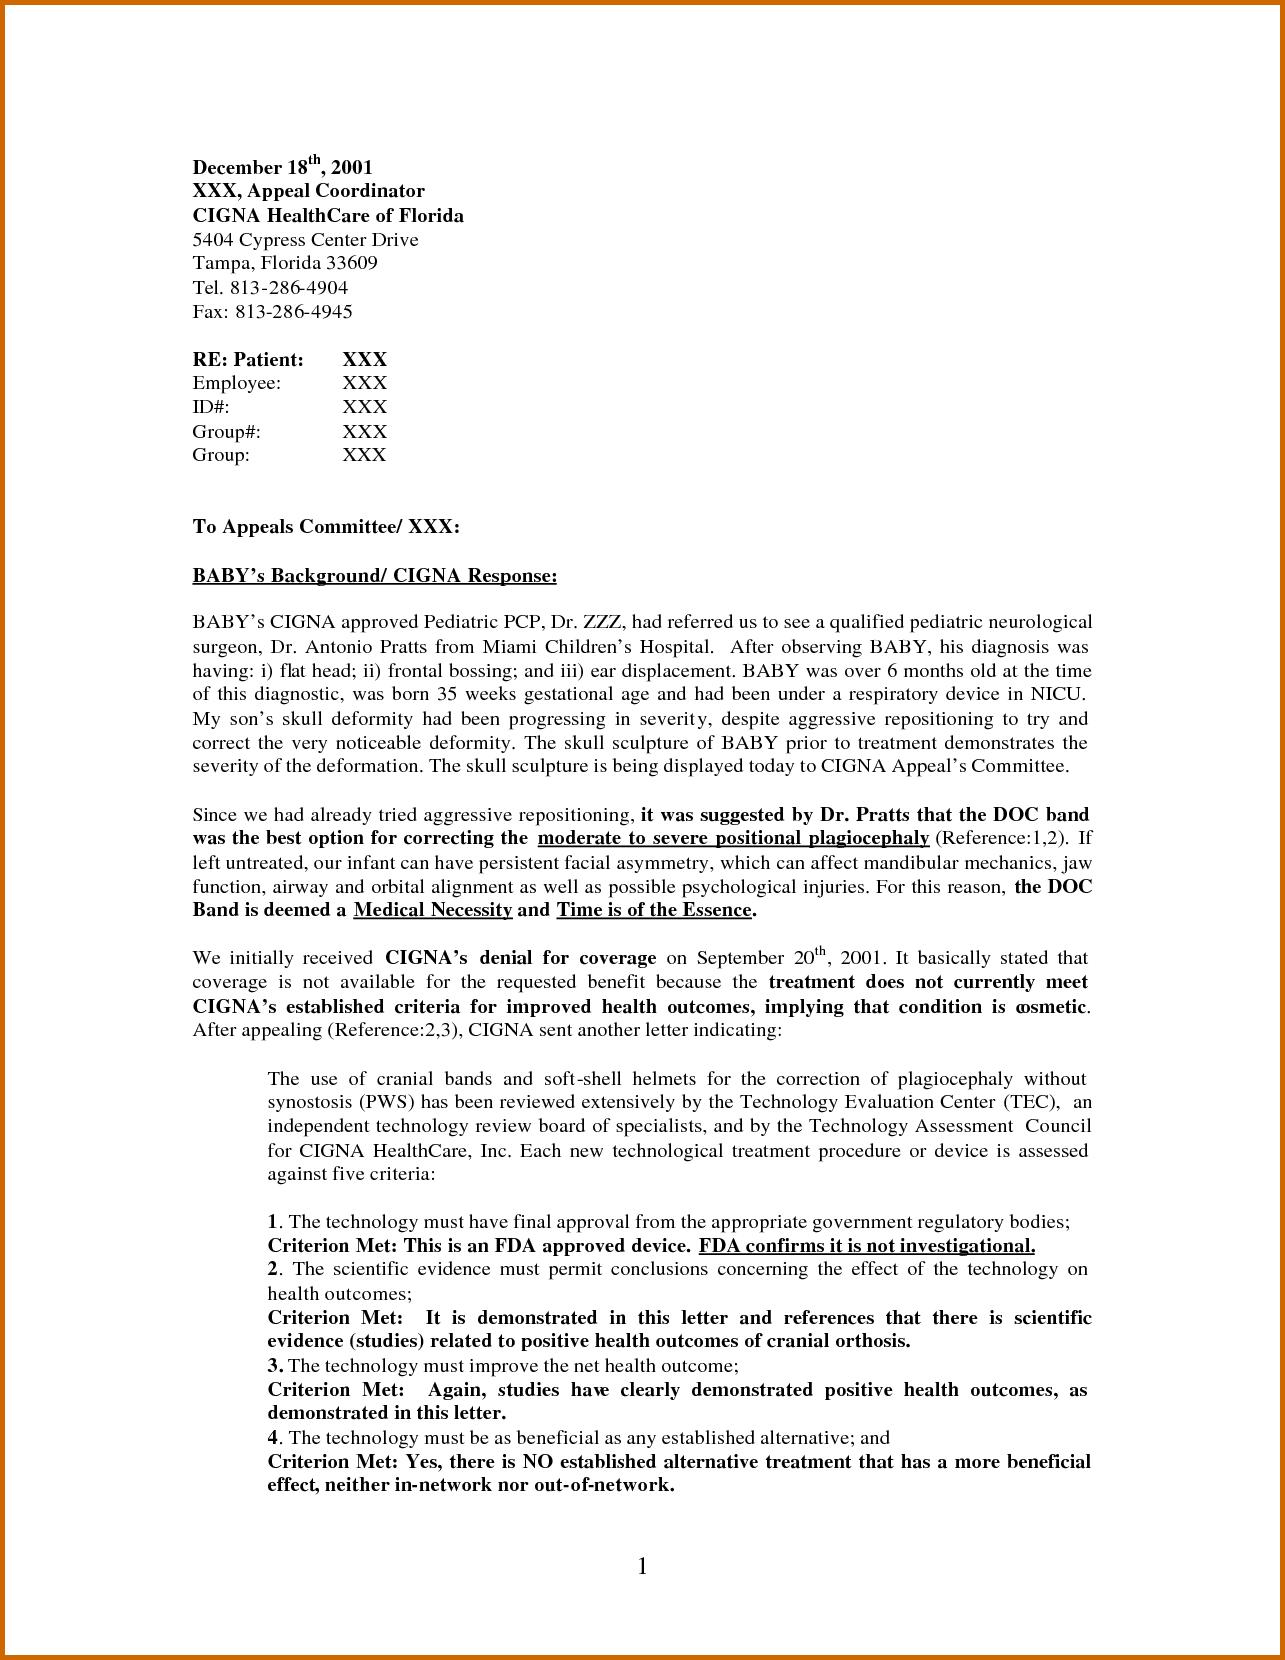 Insurance denial letter template - insurance